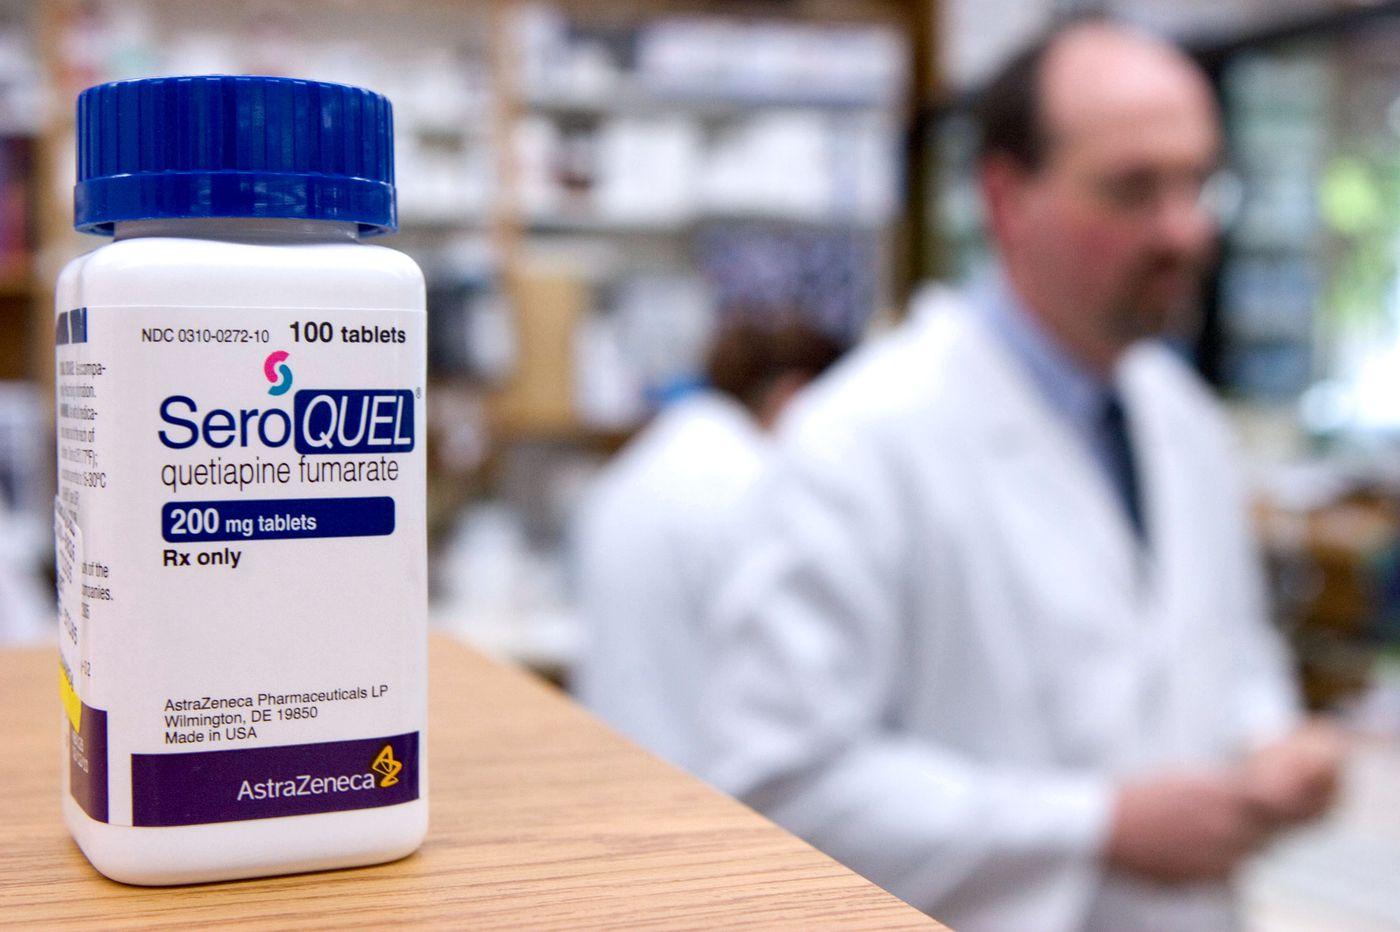 AstraZeneca settles Texas drug suits for $110 million